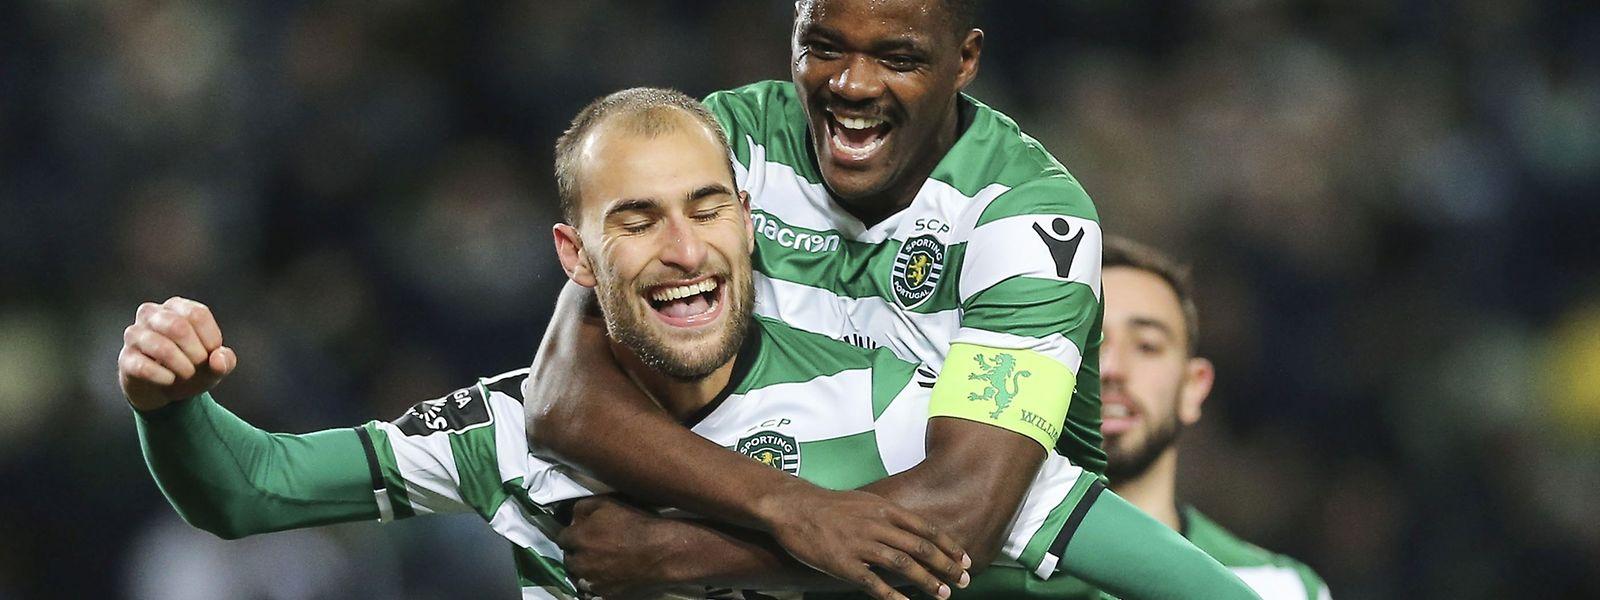 Jogadores do Sporting já garantiram que vão disputar a final da Taça de Portugal no Jamor, domingo, contra o Desportivo das Aves.